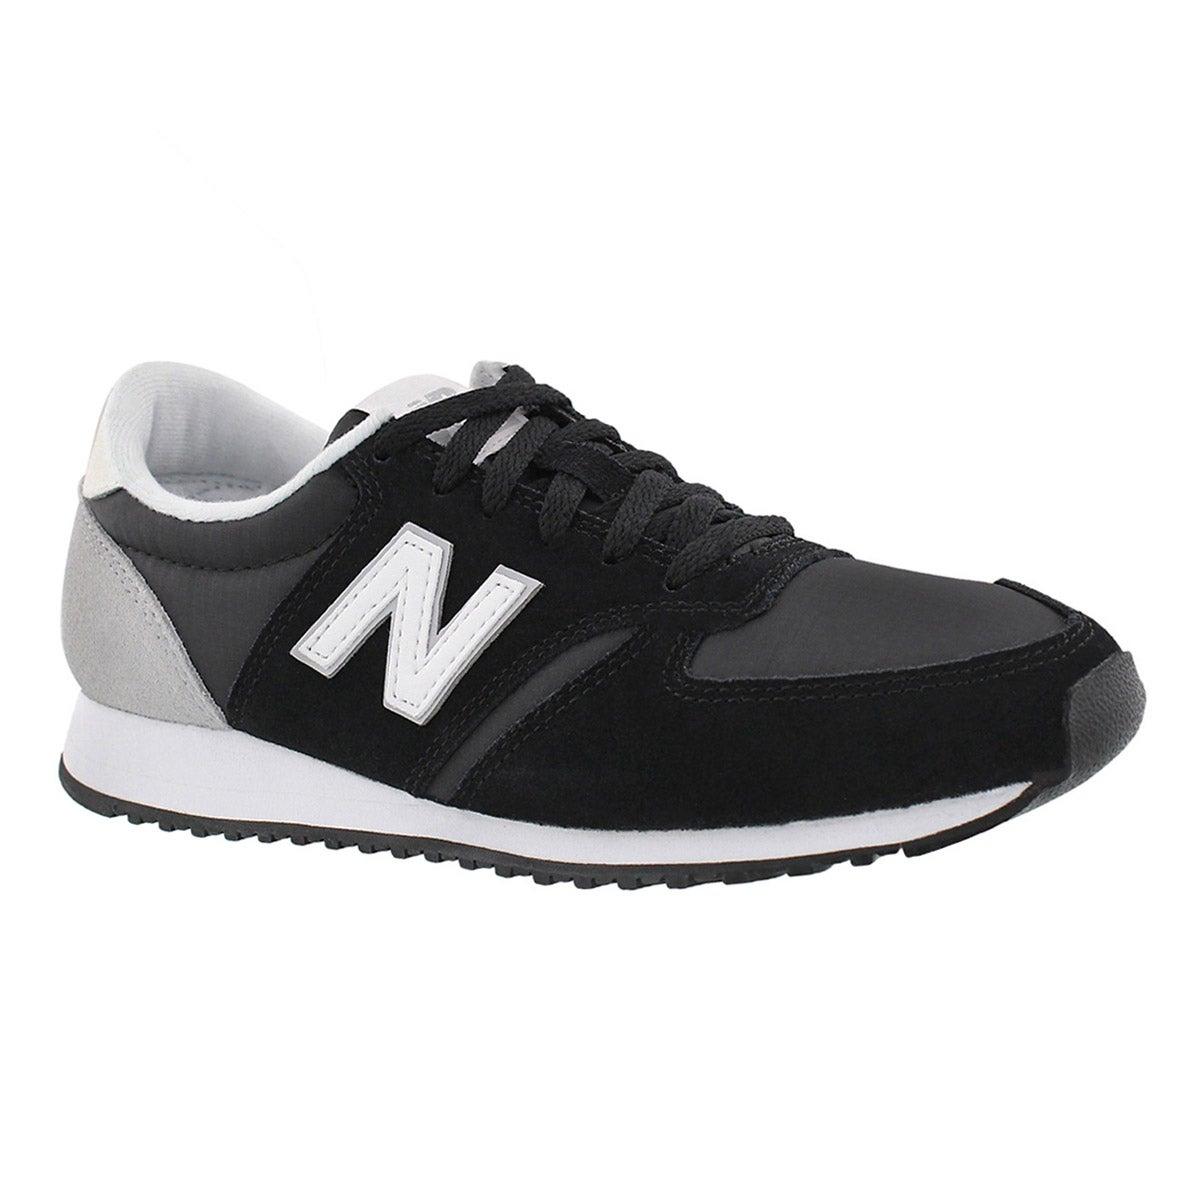 new balance 420 black and white womens